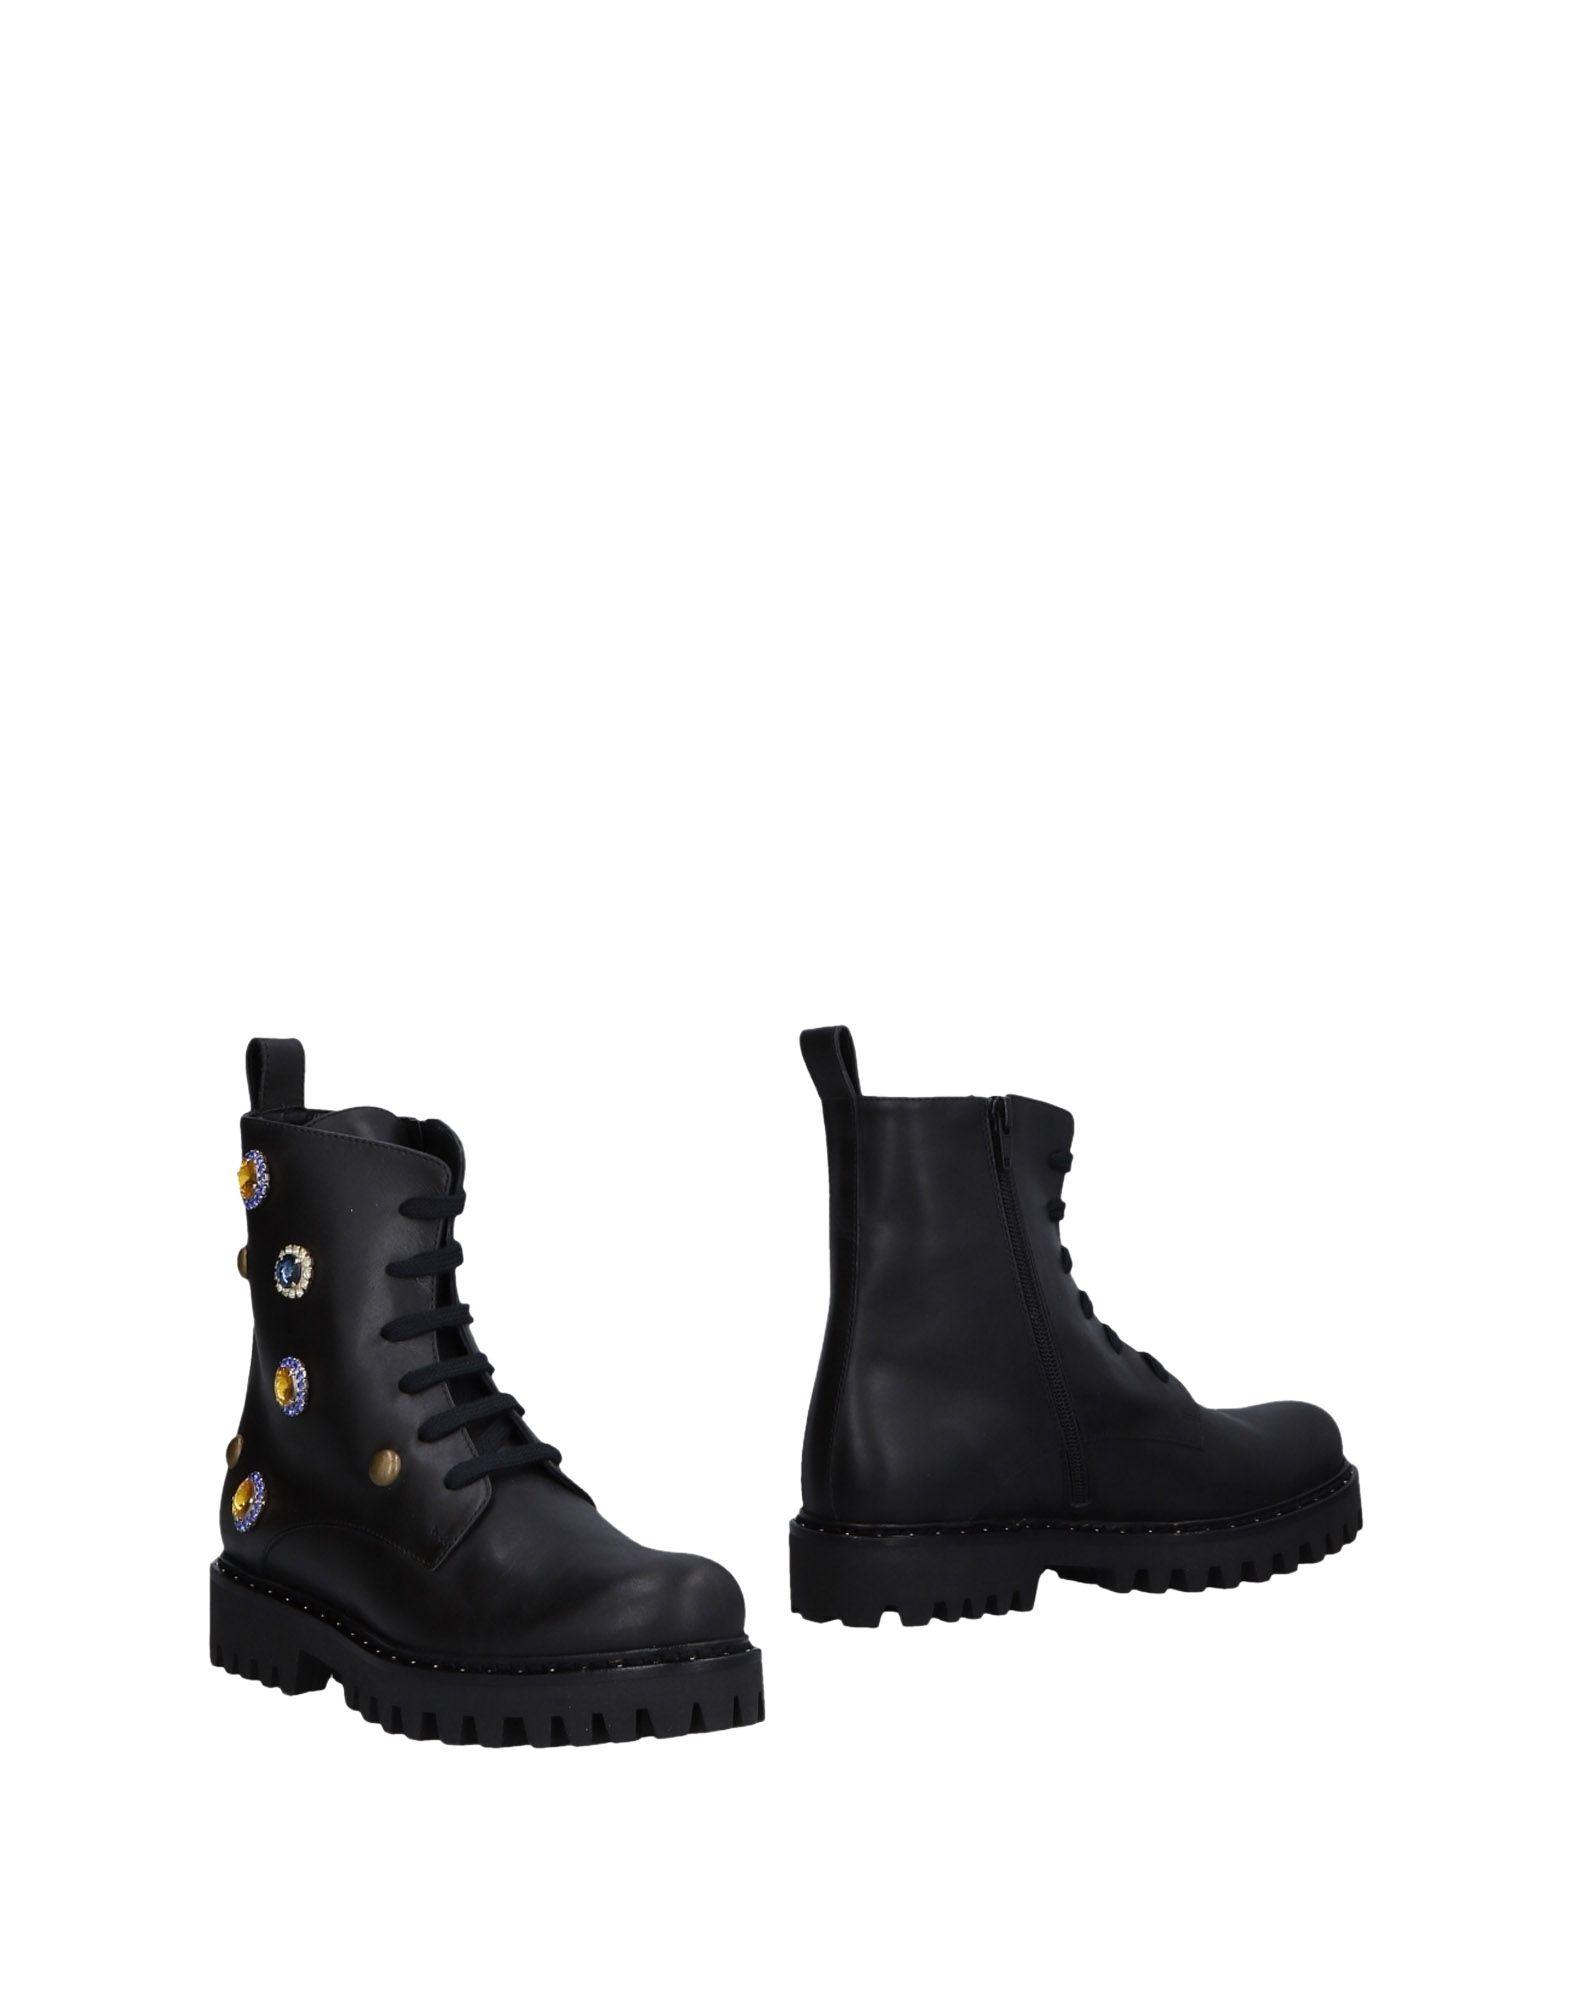 Giancarlo Paoli Stiefelette Damen  11477291MSGut aussehende strapazierfähige Schuhe